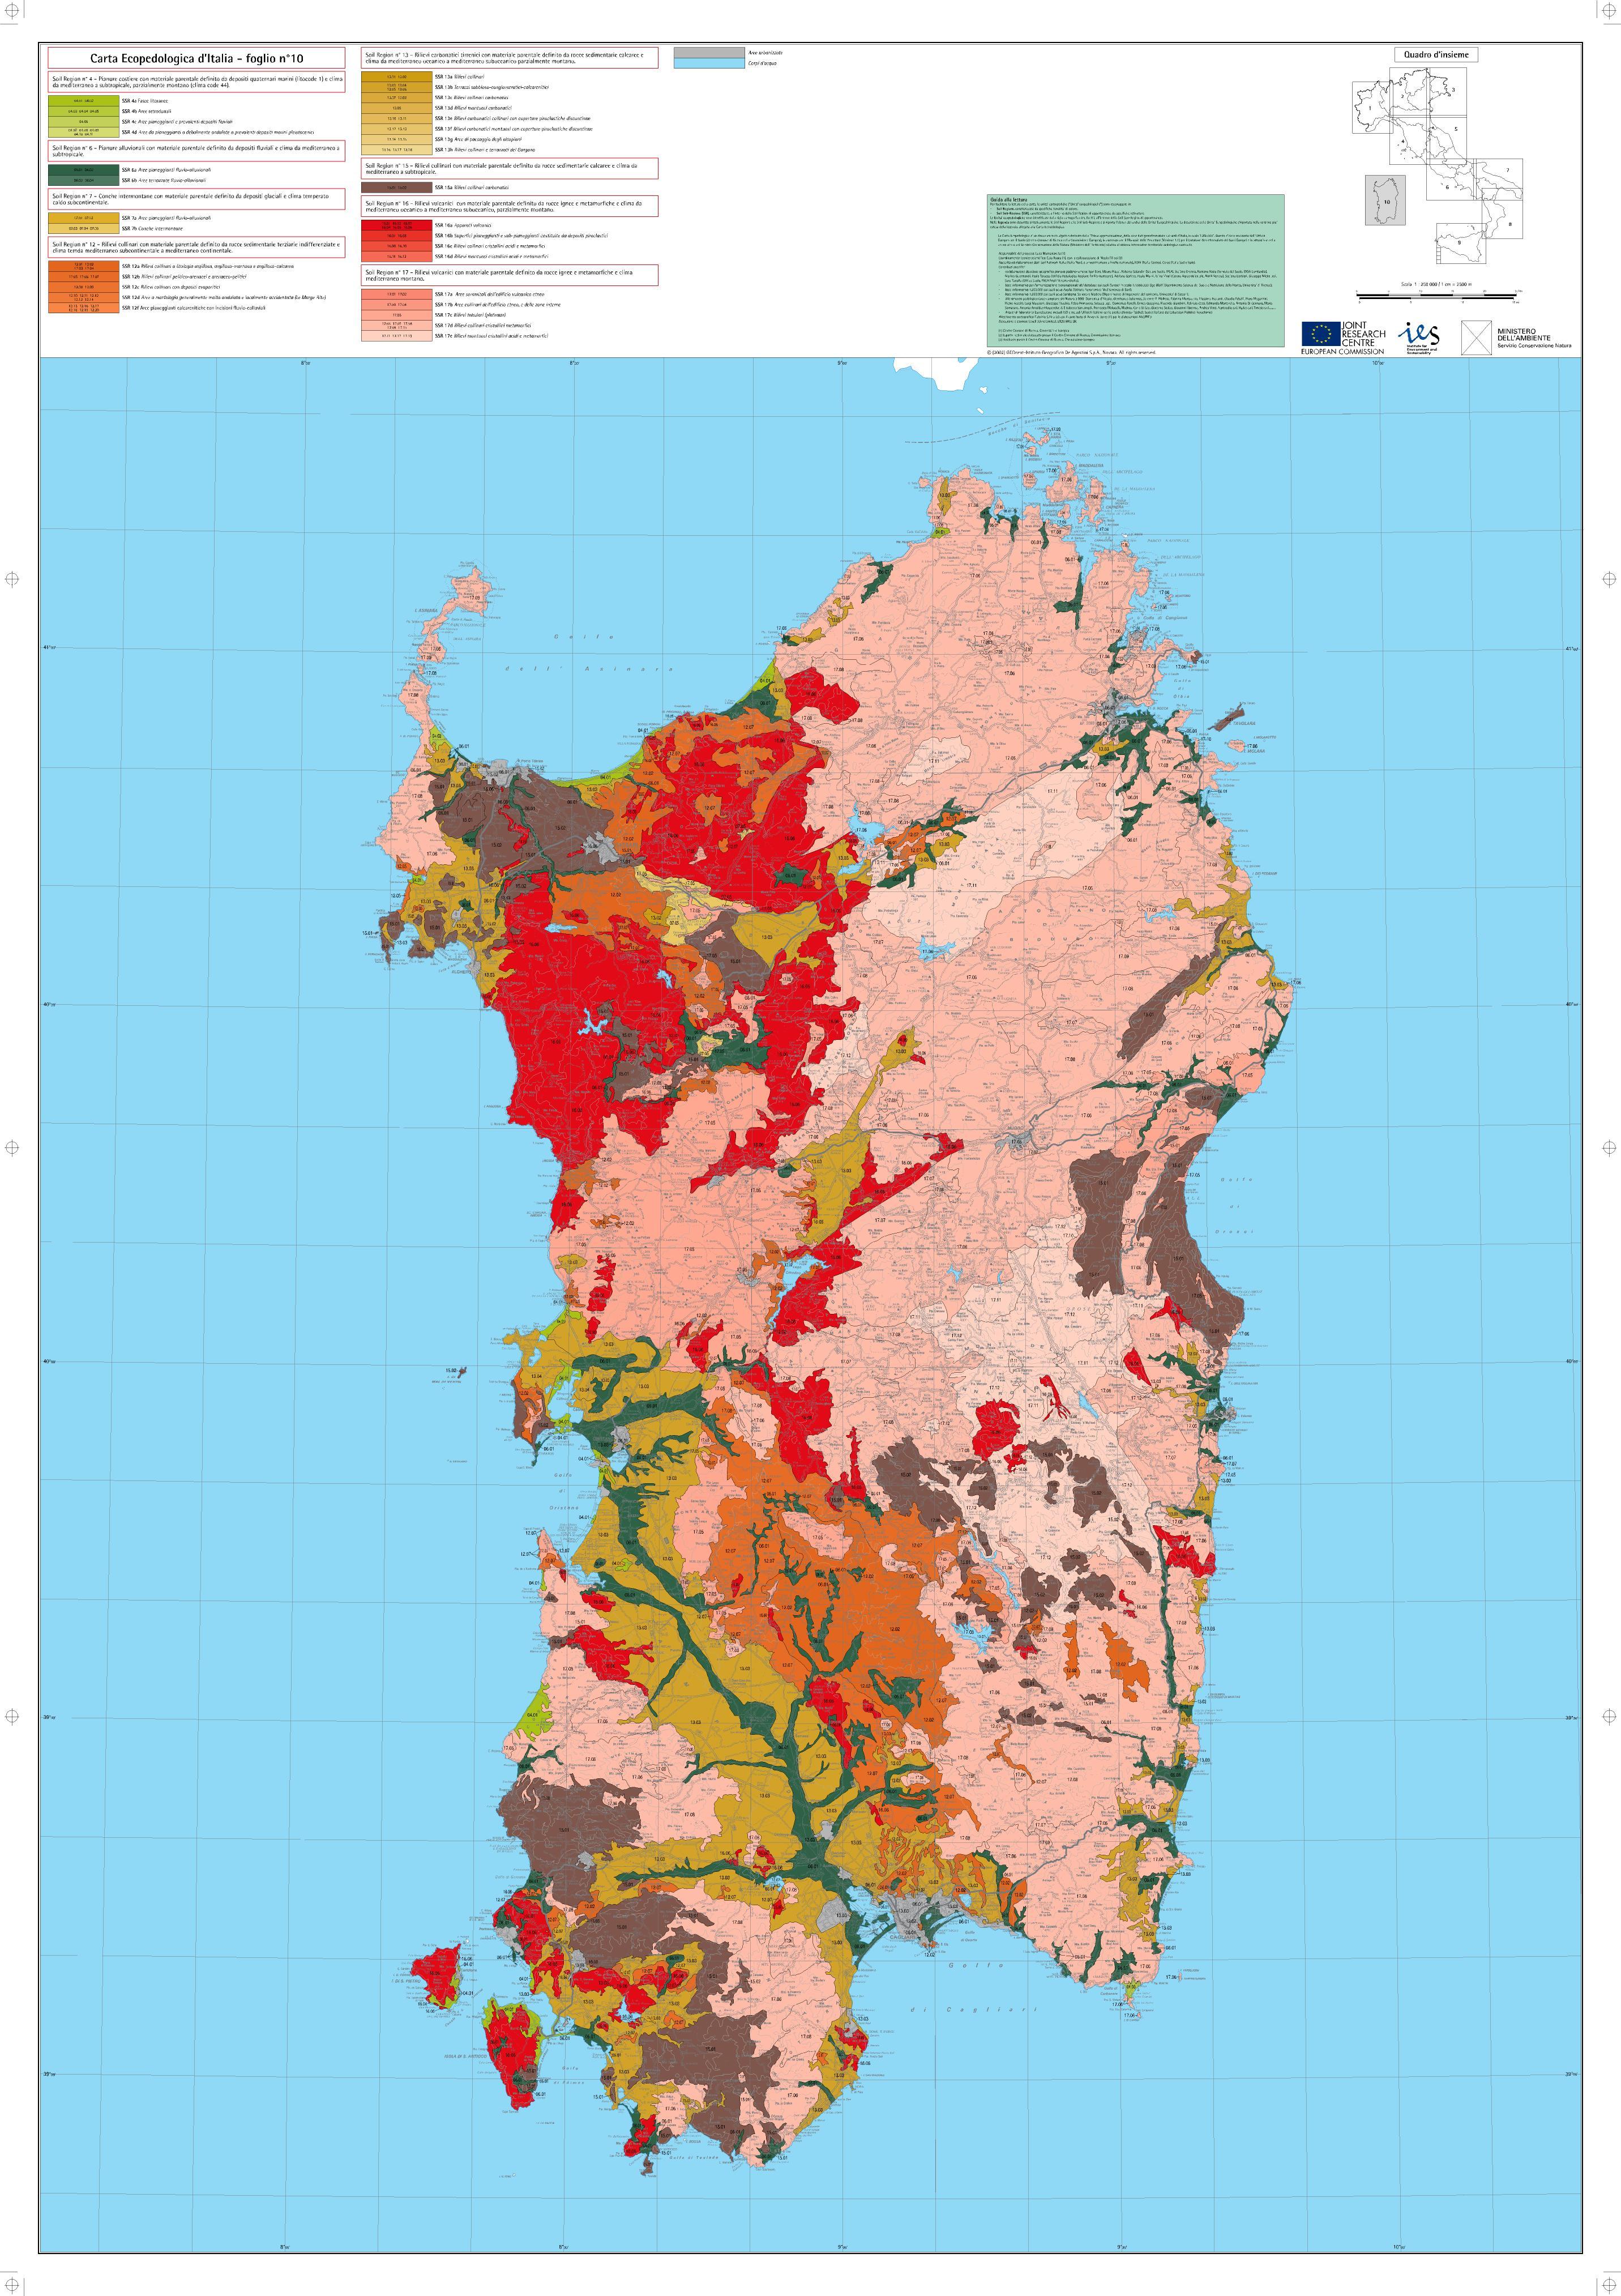 Mappa Sardegna 1954.Sardegna Agricoltura Assistenza Tecnica Servizi Cartografia